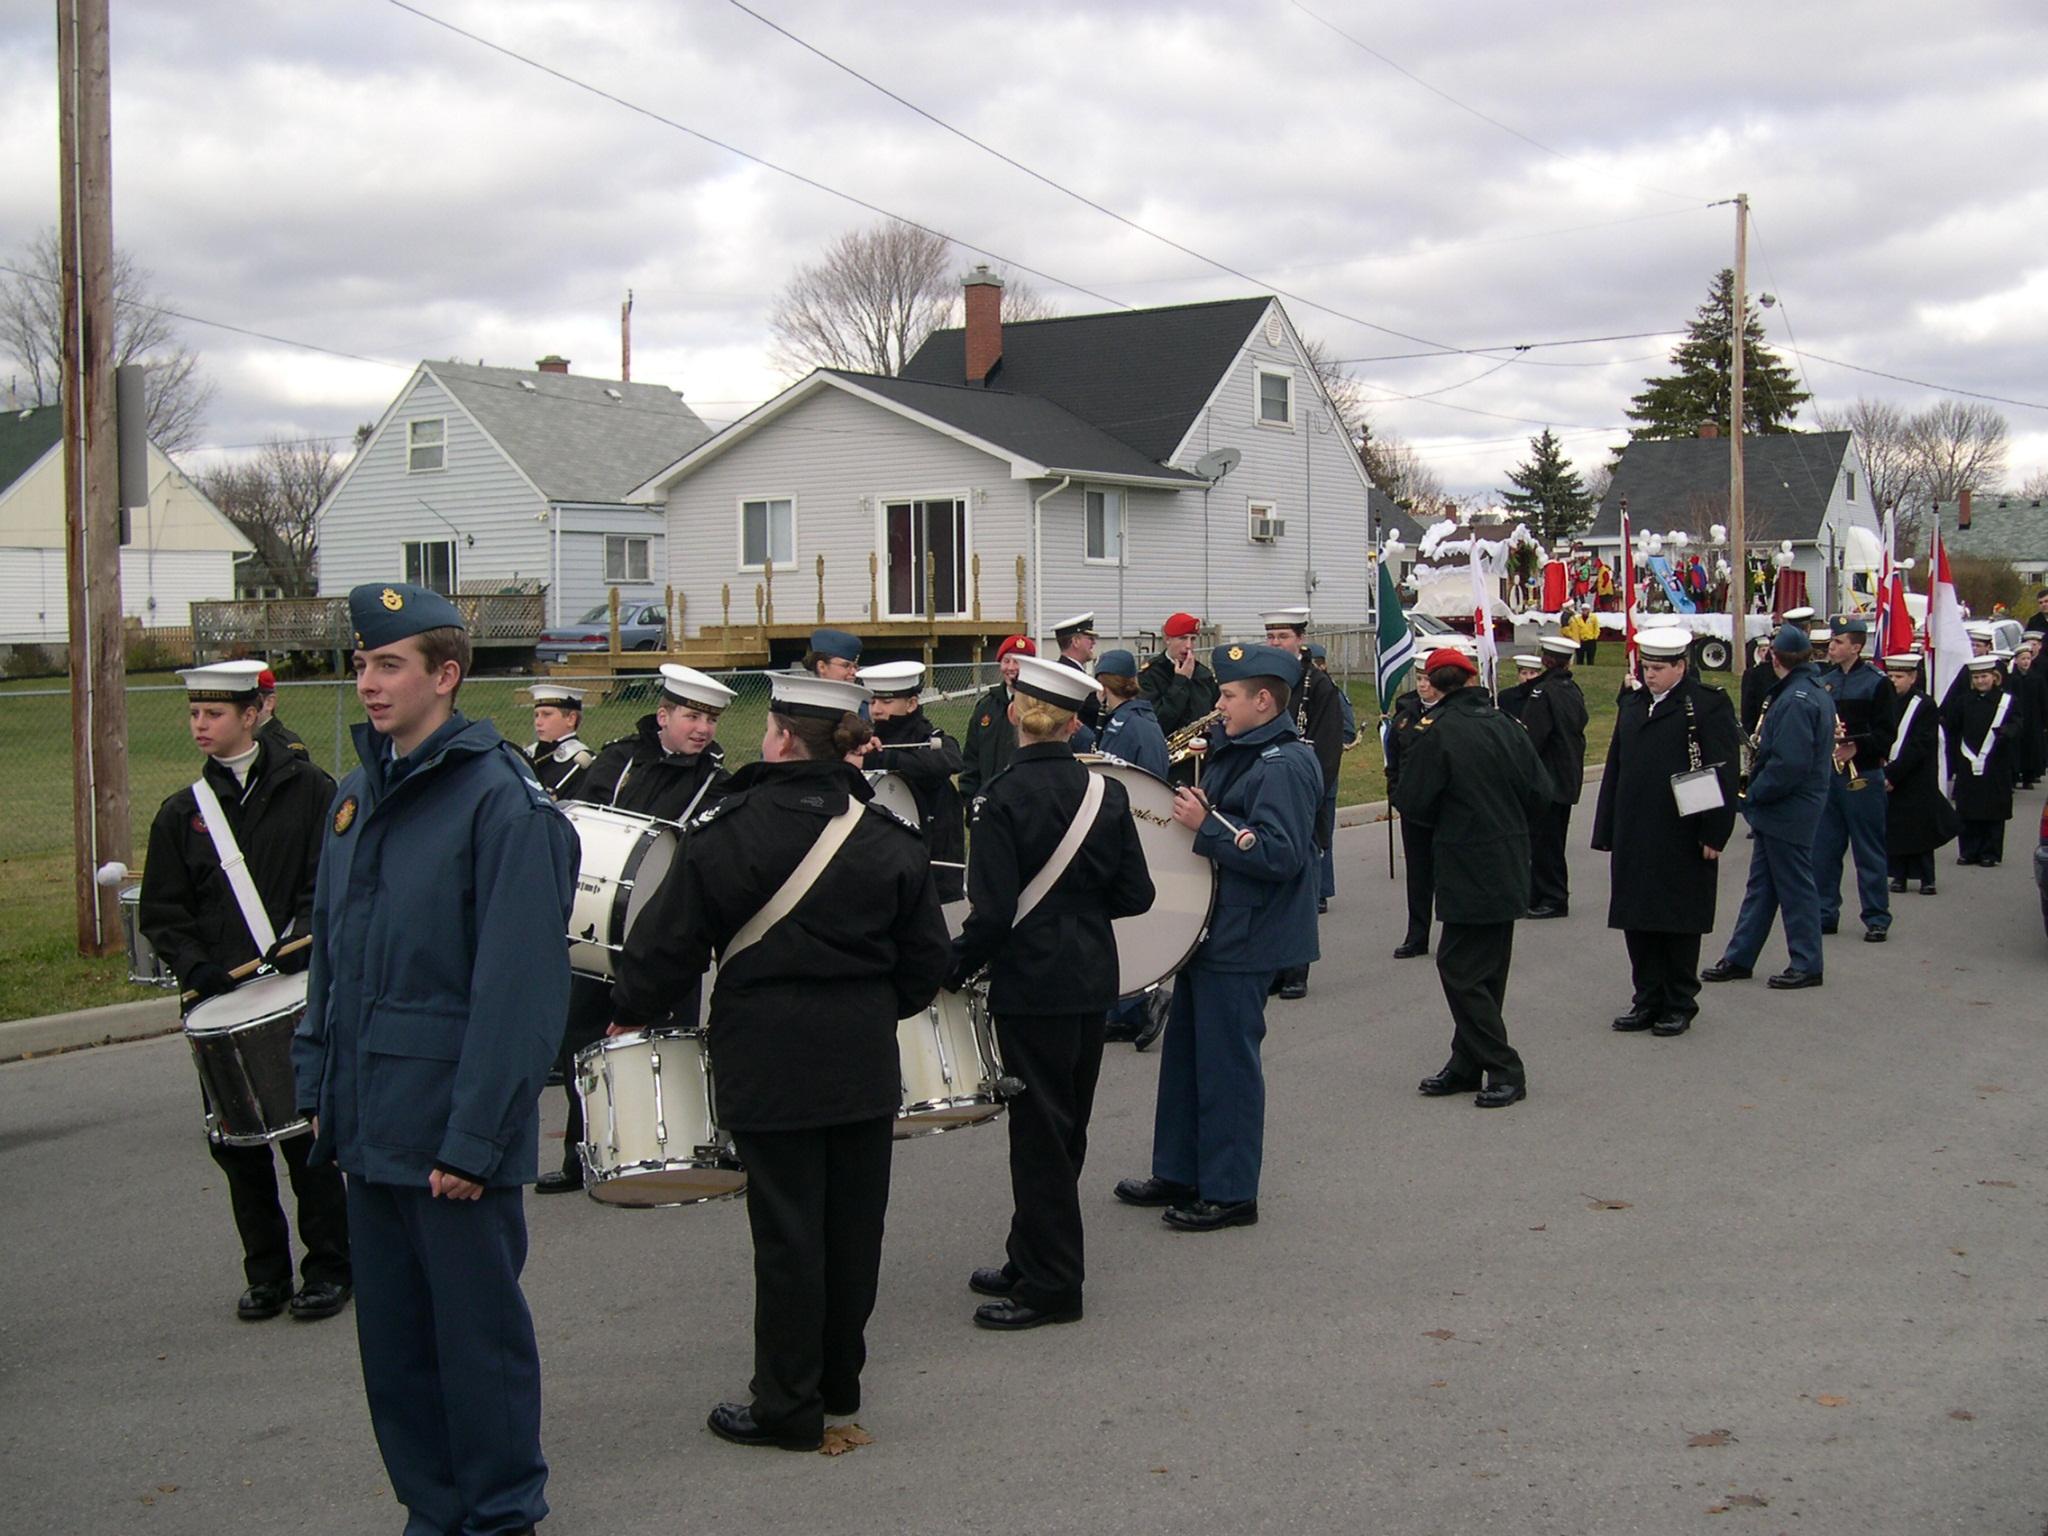 04-11-21 Cobourg Santa Claus Parade, Photo 04